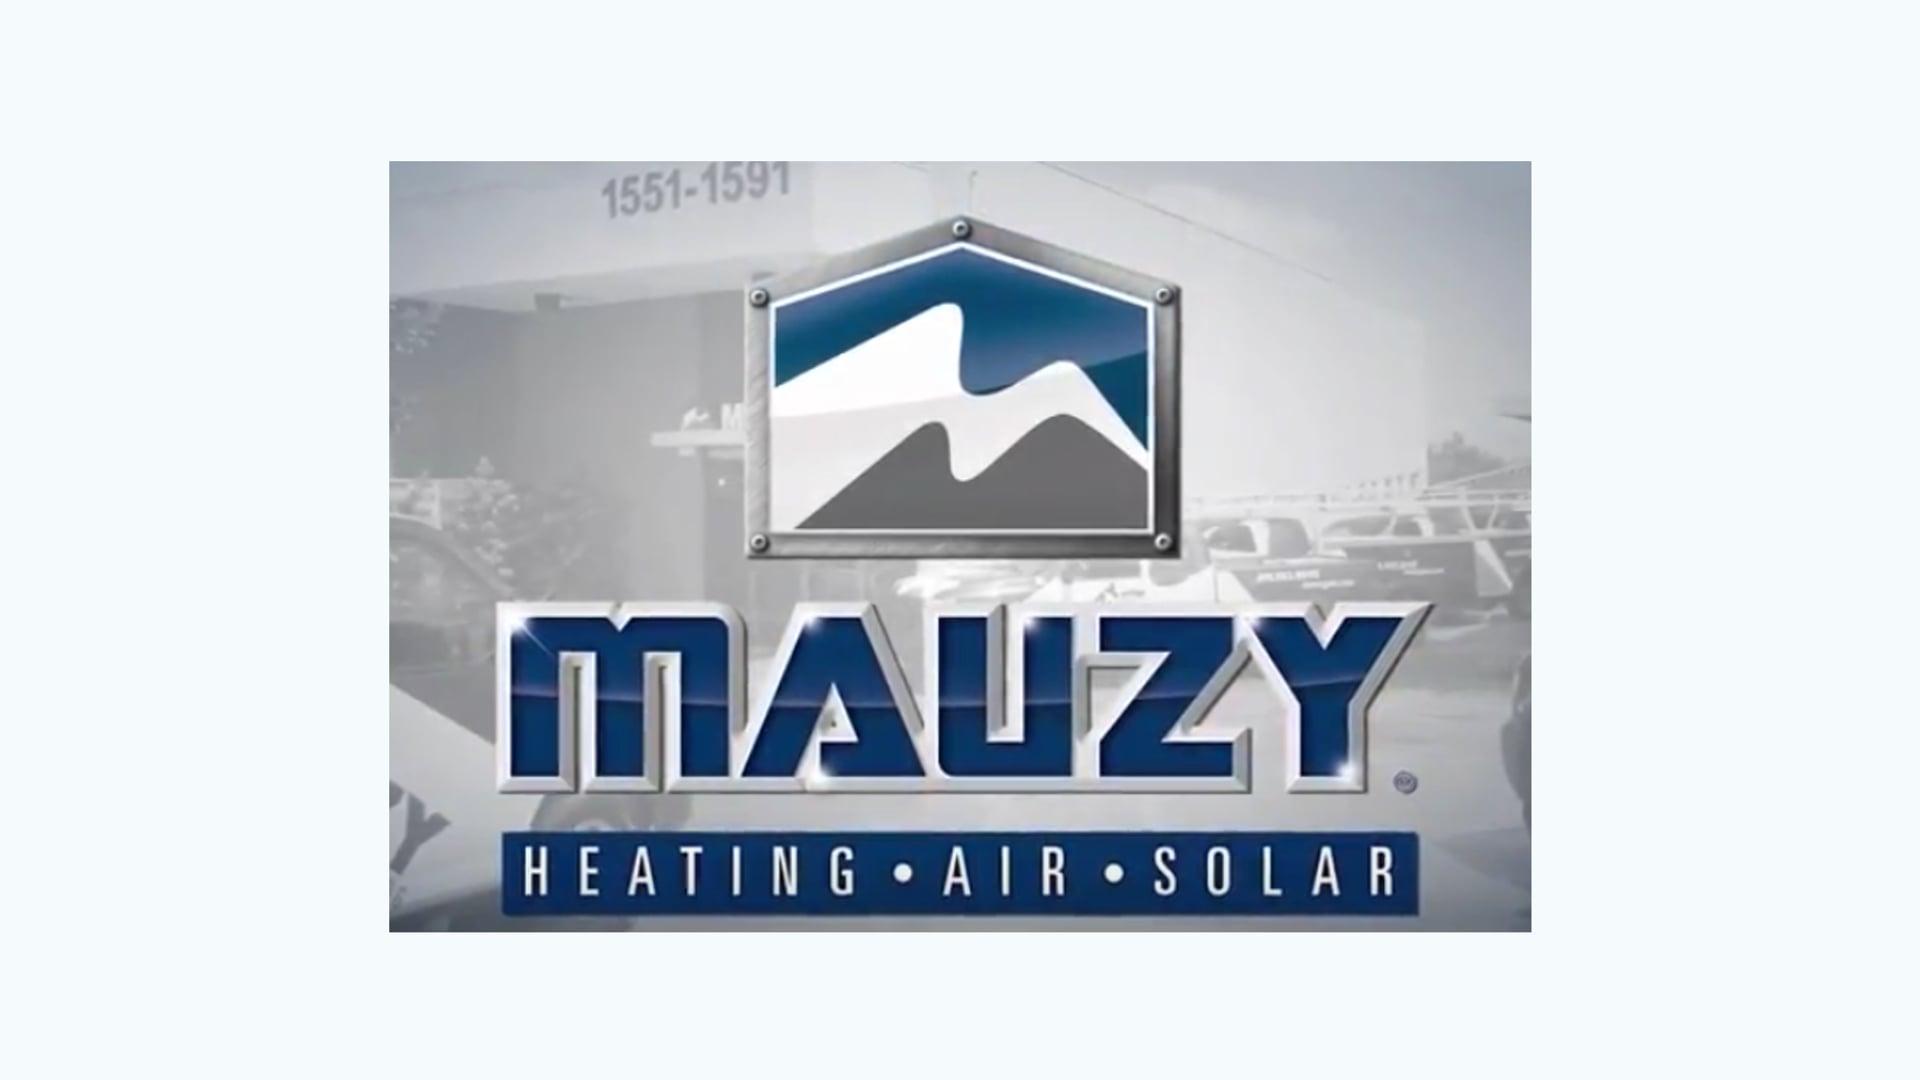 Best HVAC Company in San Diego California GO TO https://Mauzy.com